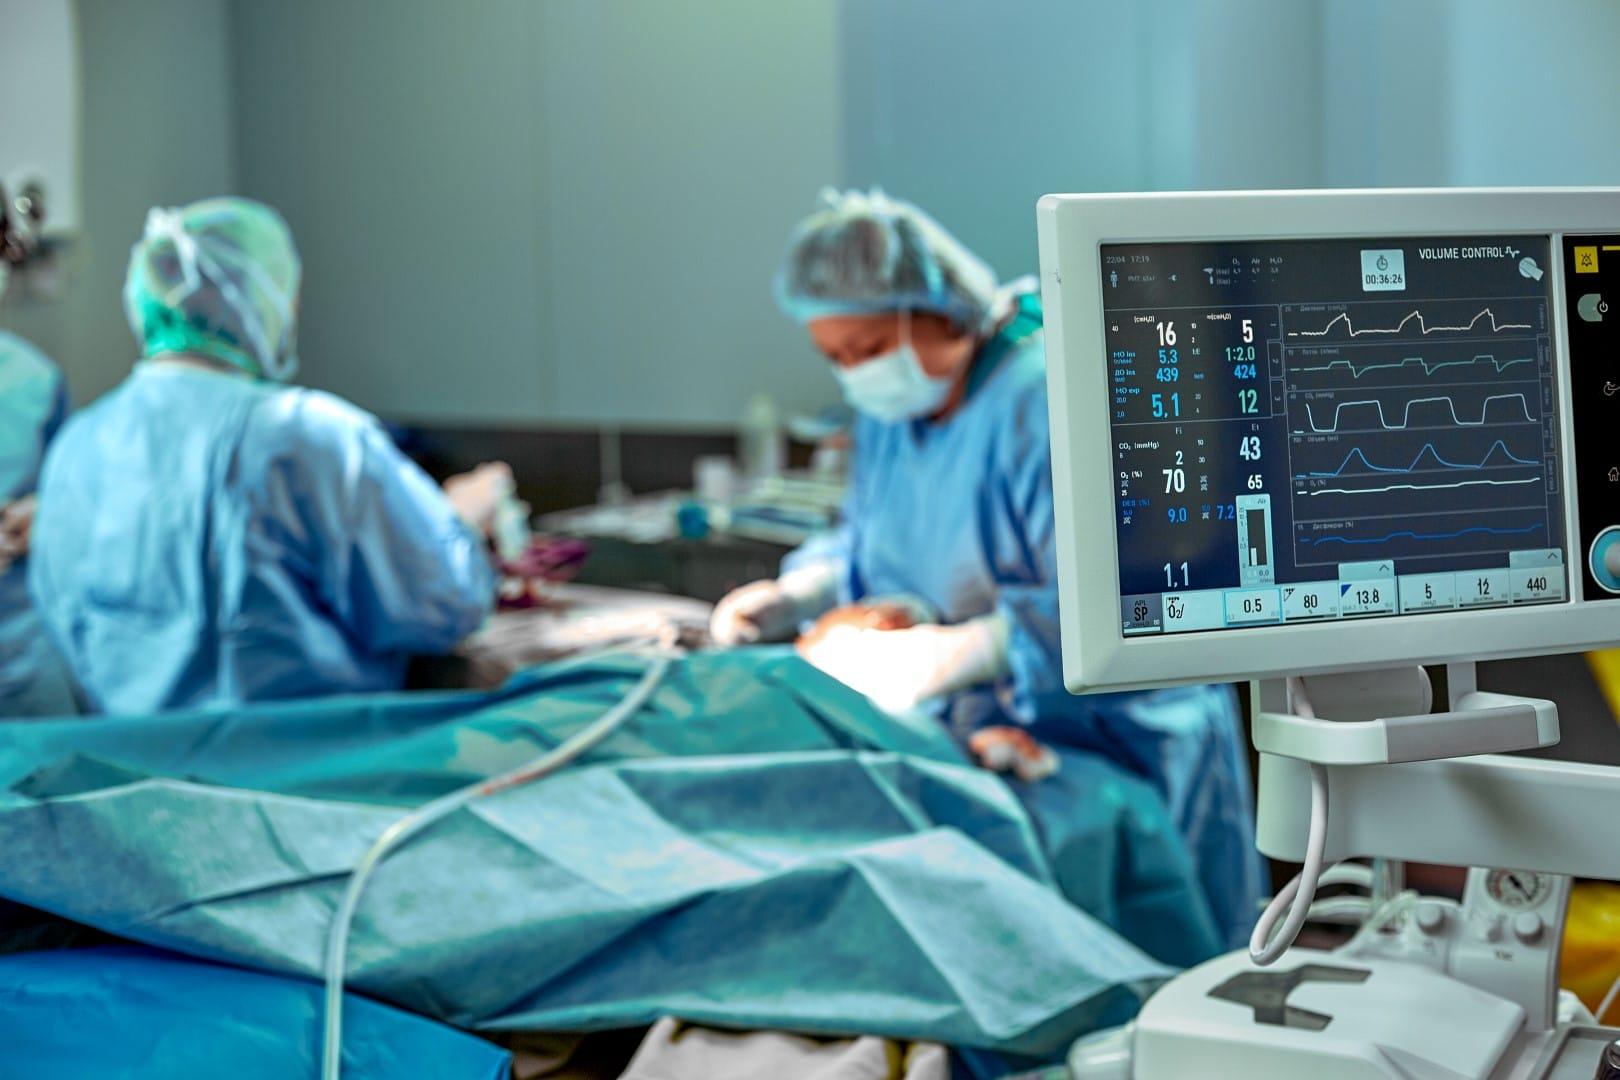 Convocatoria proceso selectivo para cubrir 89 plazas de Médico/a de urgencias hospitalarias y 10 plazas de Médico/a asistencial del 061 del Servicio Gallego de Salud